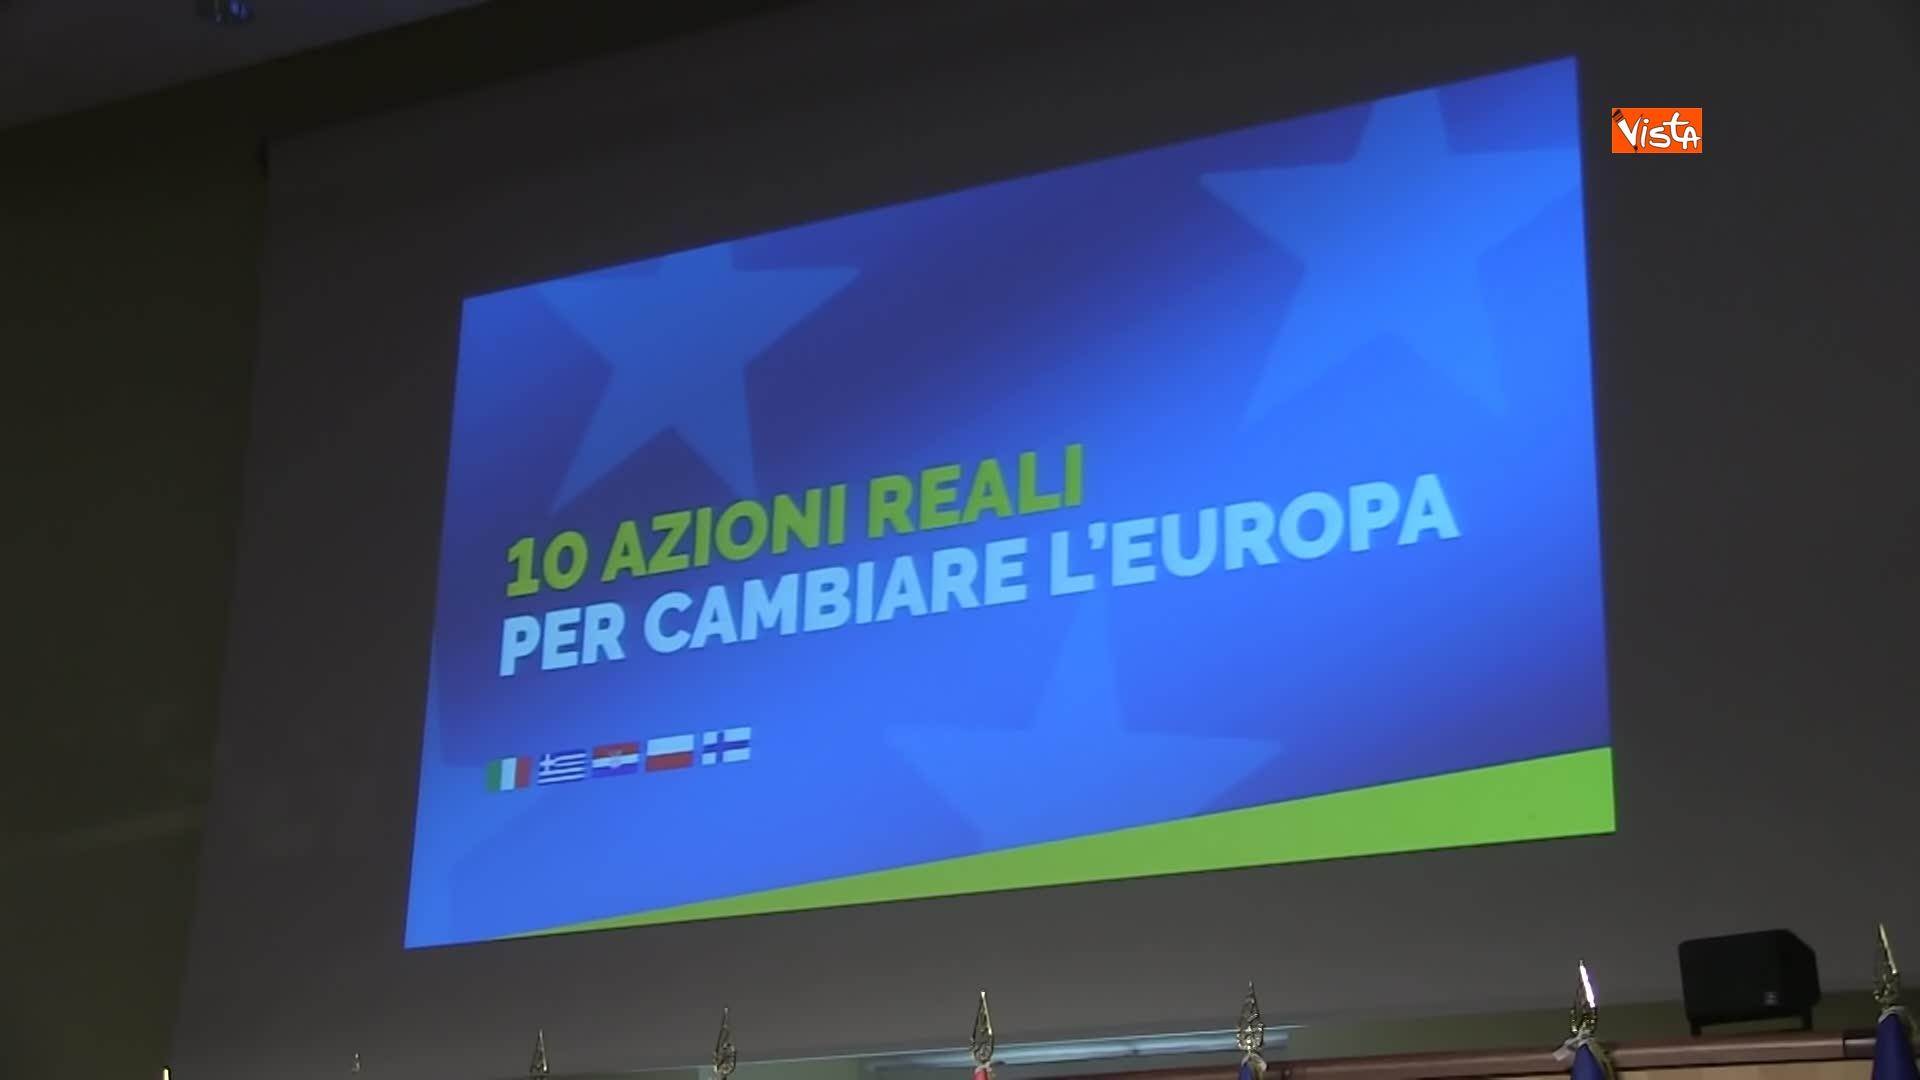 15-02-19 Di Maio presentra il manifesto per le elezioni europee. immagini 01_463025337695083453568